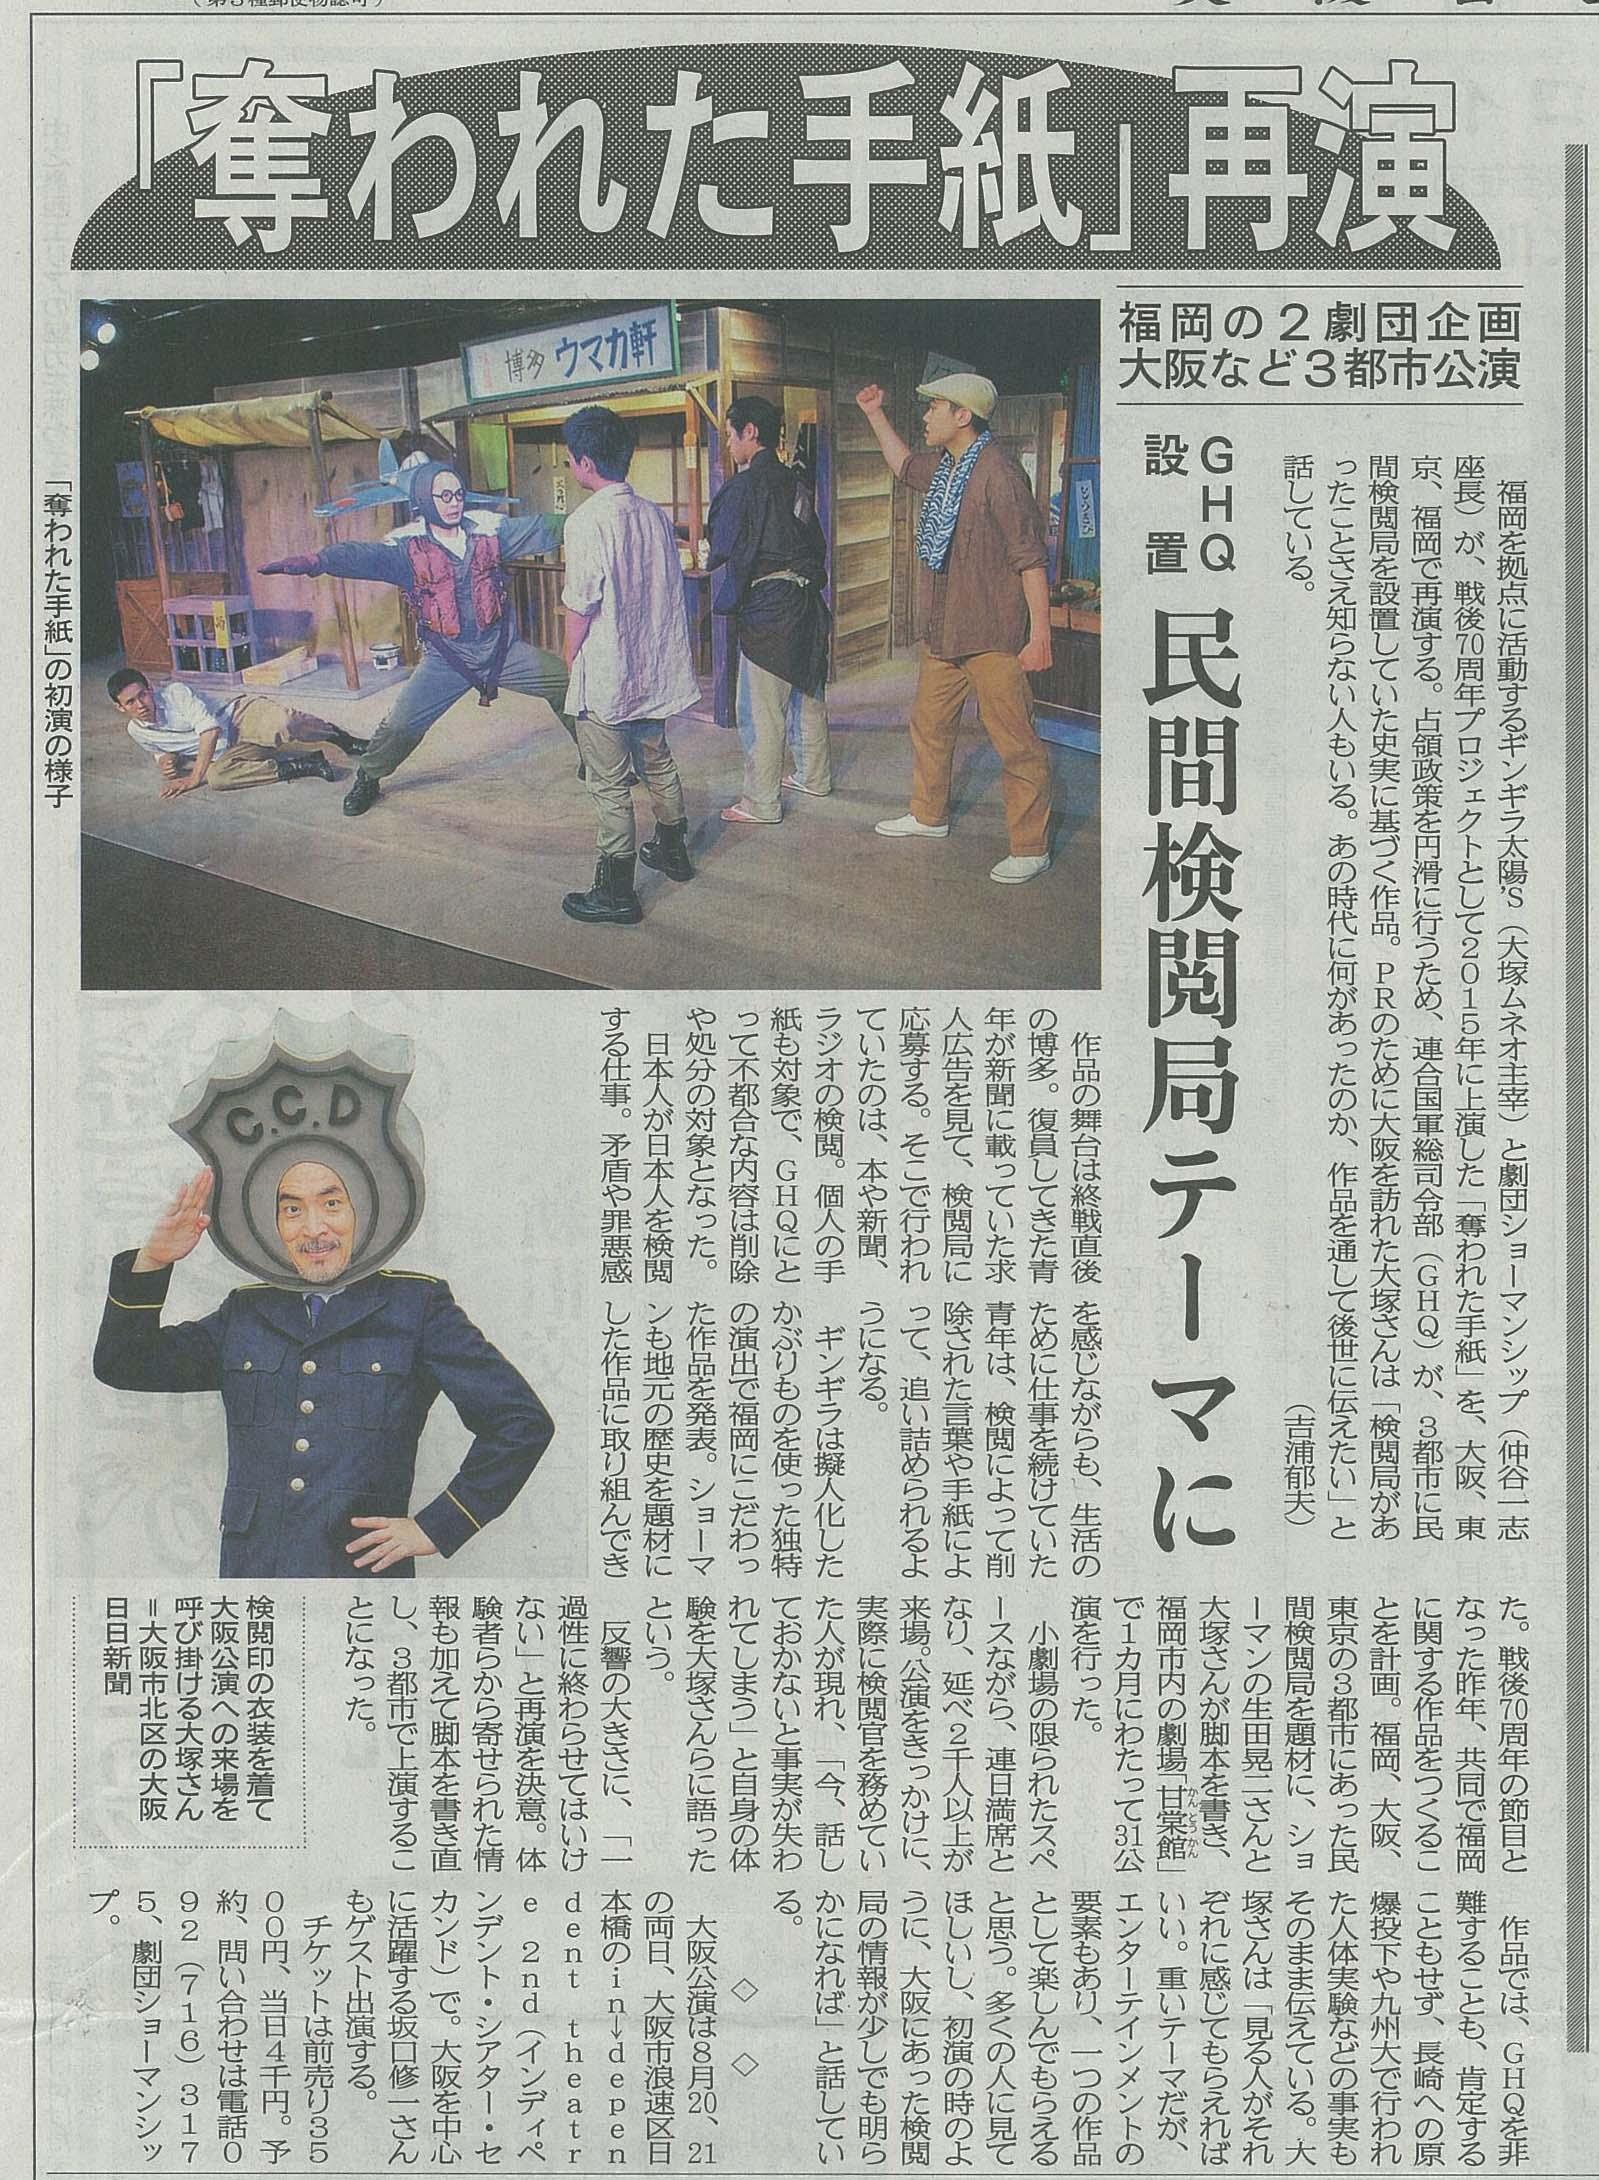 2016年7月18日(月)付 大阪日日新聞(地域総合)